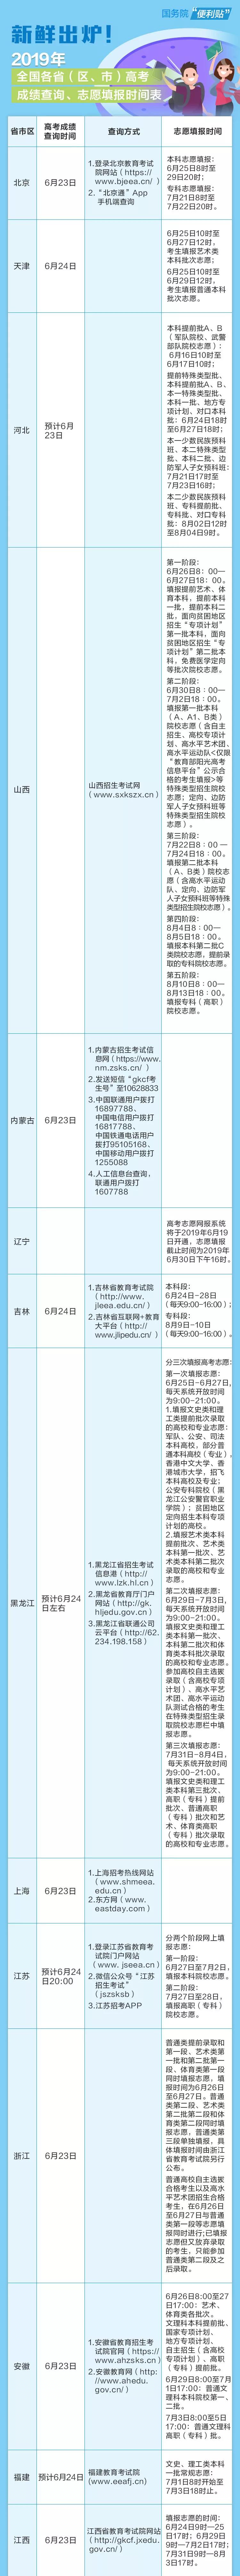 新鲜出炉!全国各地高考成绩查询、志愿填报时间表来了   _中欧新闻_欧洲中文网